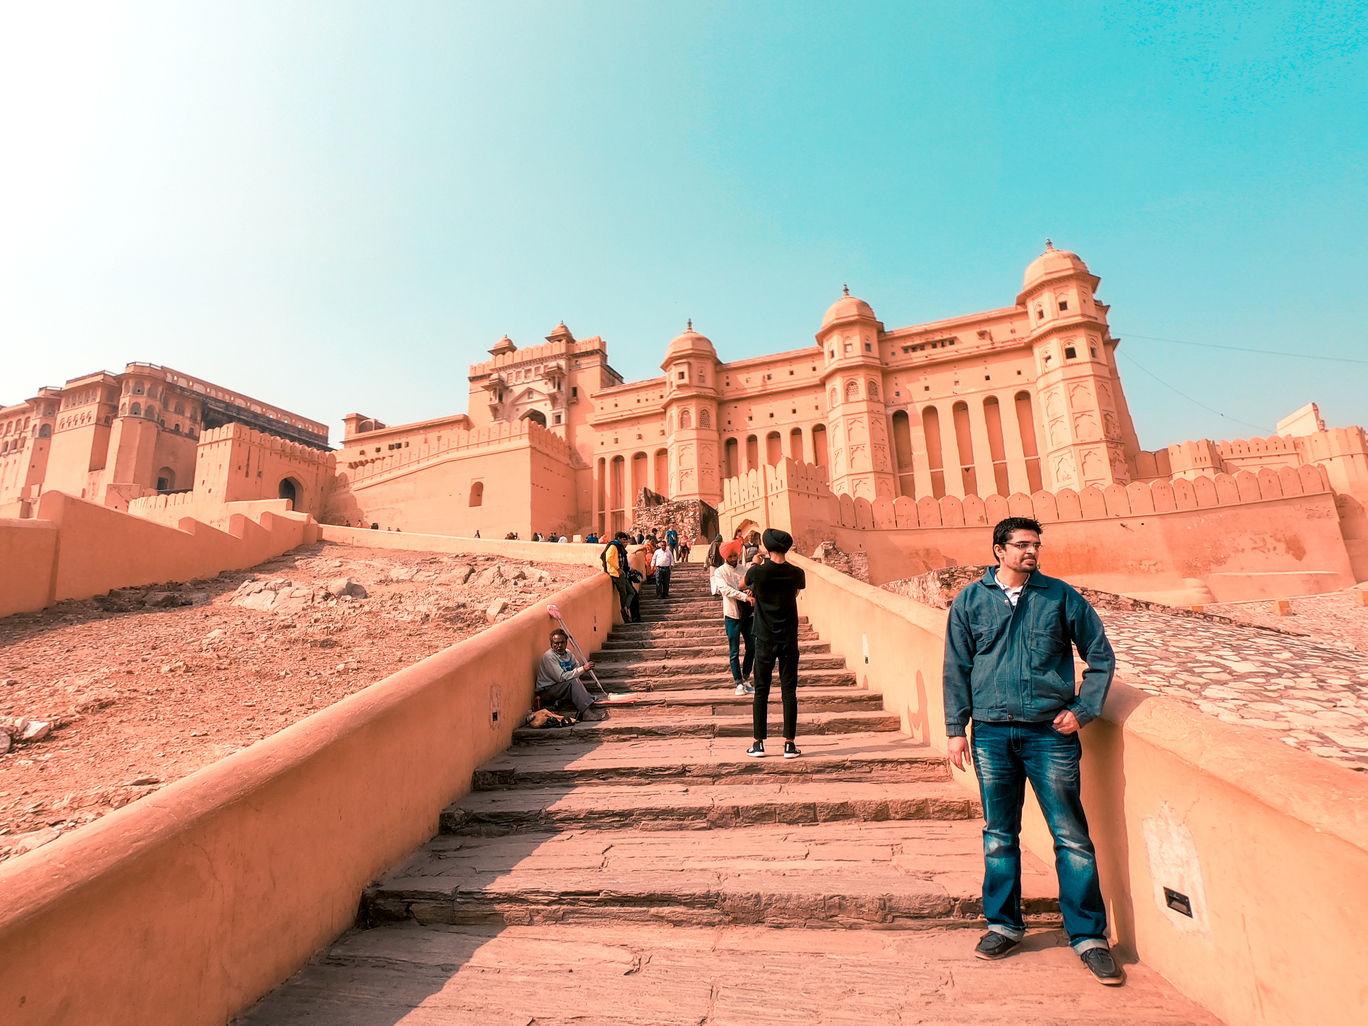 Photo of Jaipur By Lakshay Khetarpal